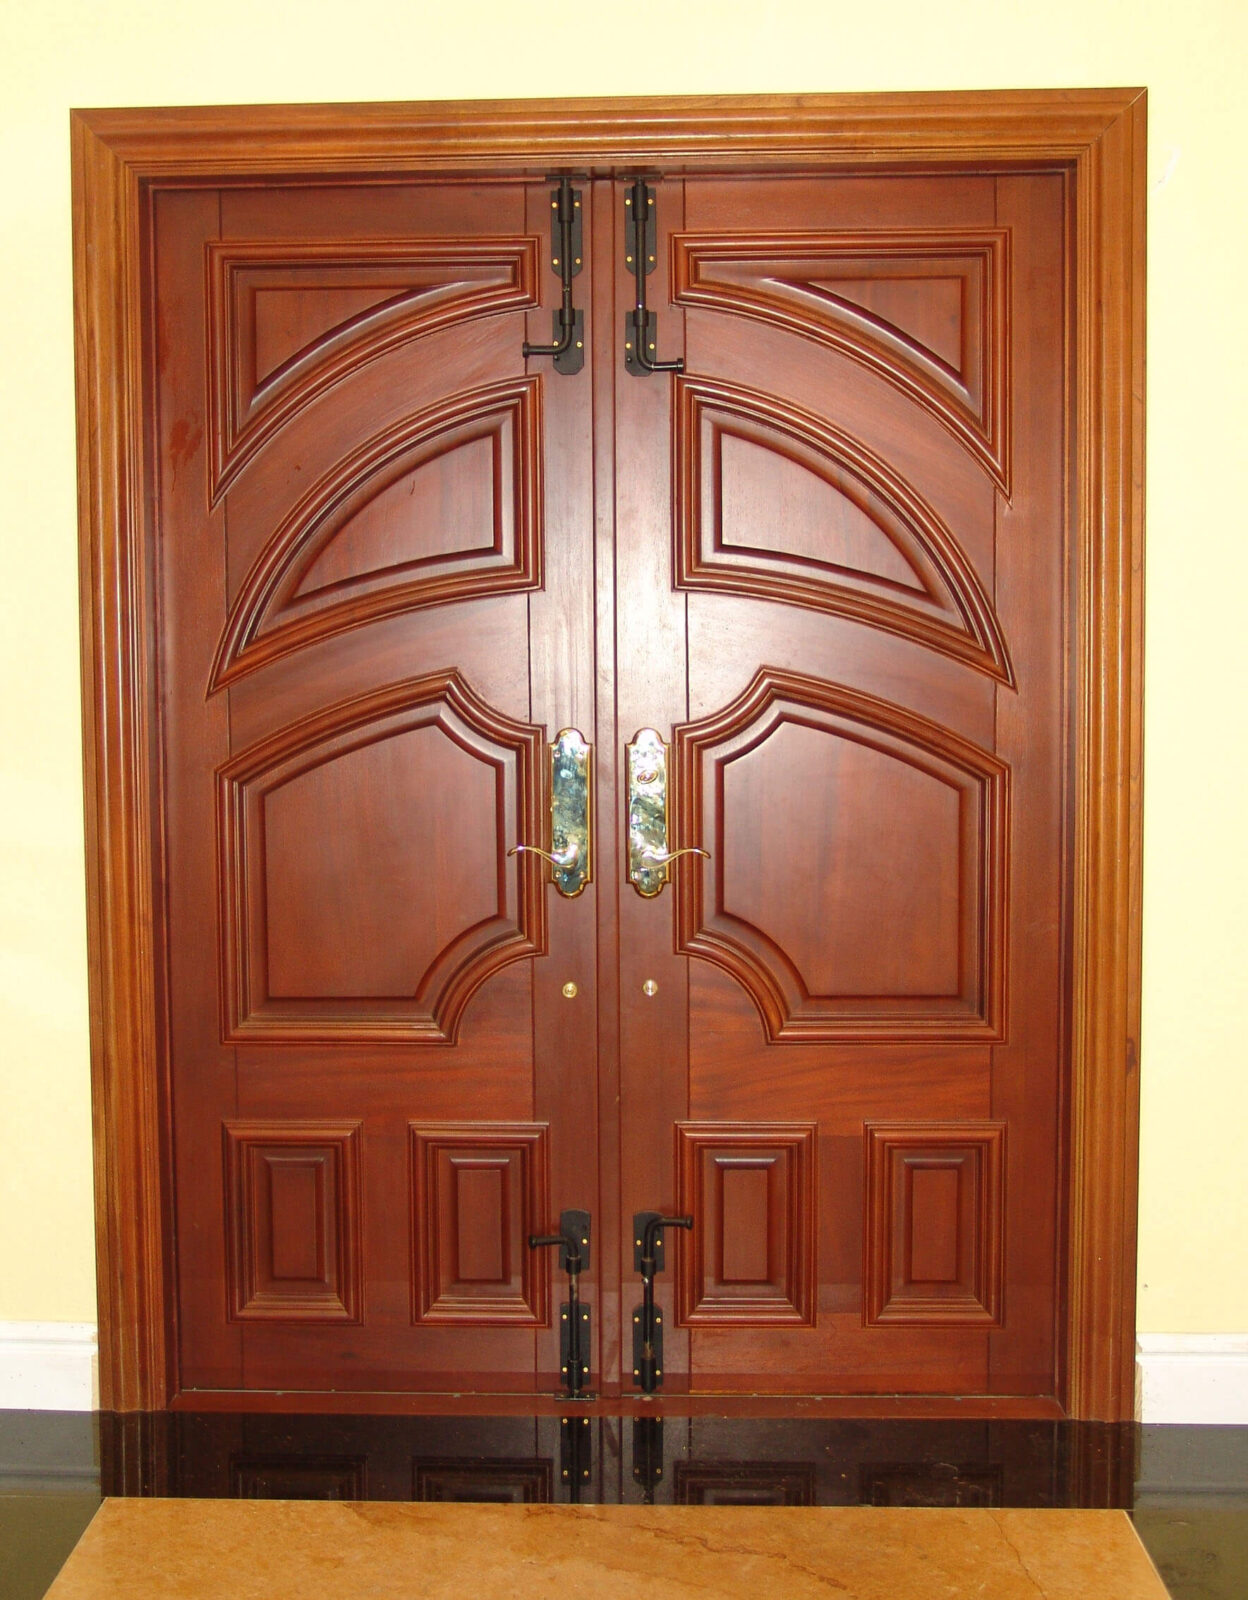 OAKLAND PARK MAHOGANY ENTRY DOORS.